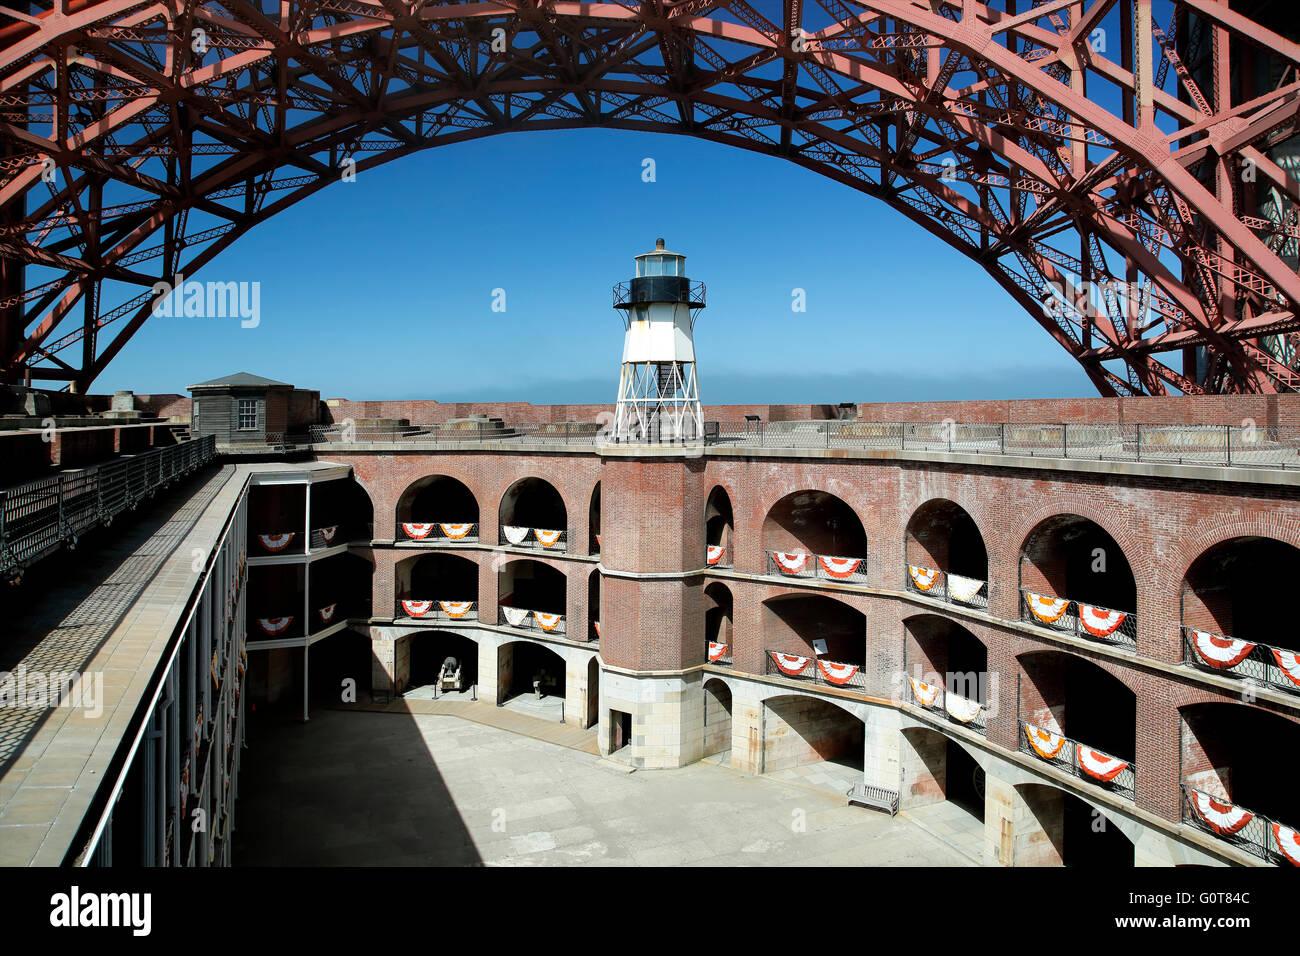 Golden Gate bridge span la formazione di archi elettrici su faro, fort point National Historic Site, San Francisco, Immagini Stock